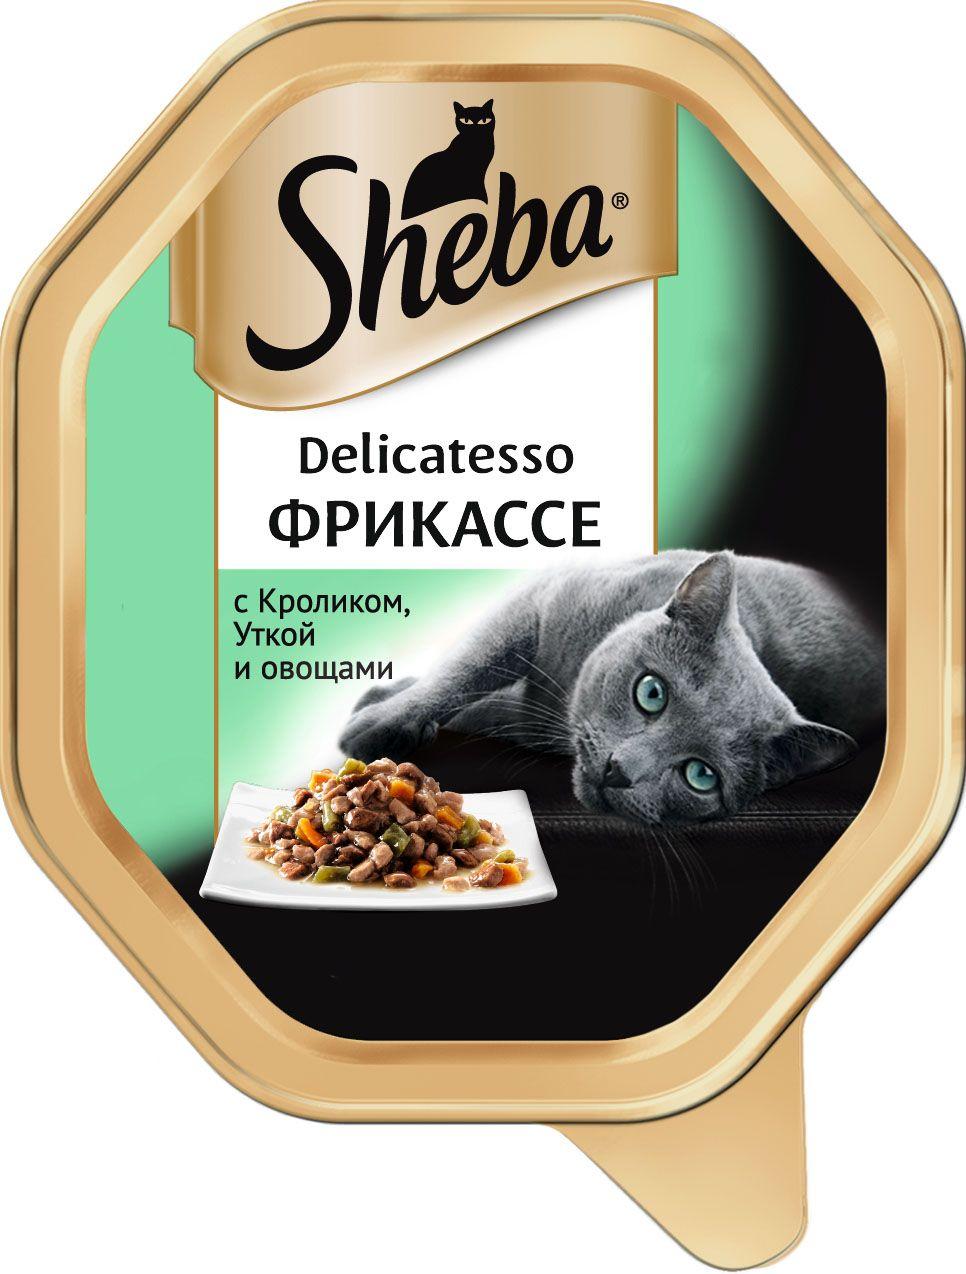 Корм консервированный Sheba Delicatesso, для взрослых кошек, от 1 года, фрикассе с кроликом, уткой и овощами, 85 г80547Консервированный корм Sheba Delicatesso предназначен для взрослых кошек от 1 года. Насыщенный мясной вкус и необычное сочетание паштета и мясных ломтиков не оставит вашу любимицу равнодушной, а особая сервировка подчеркнет все богатство вкусаизысканного деликатеса! В состав корма входят мясо и мясные ингредиенты самого высокого качества, а также витамины, злаки, таурин и минеральные вещества. Каждый ломтик бережно обварен и полит нежным соусом. В составе нет сои, консервантов, искусственных красителей и усилителей вкуса.Товар сертифицирован.